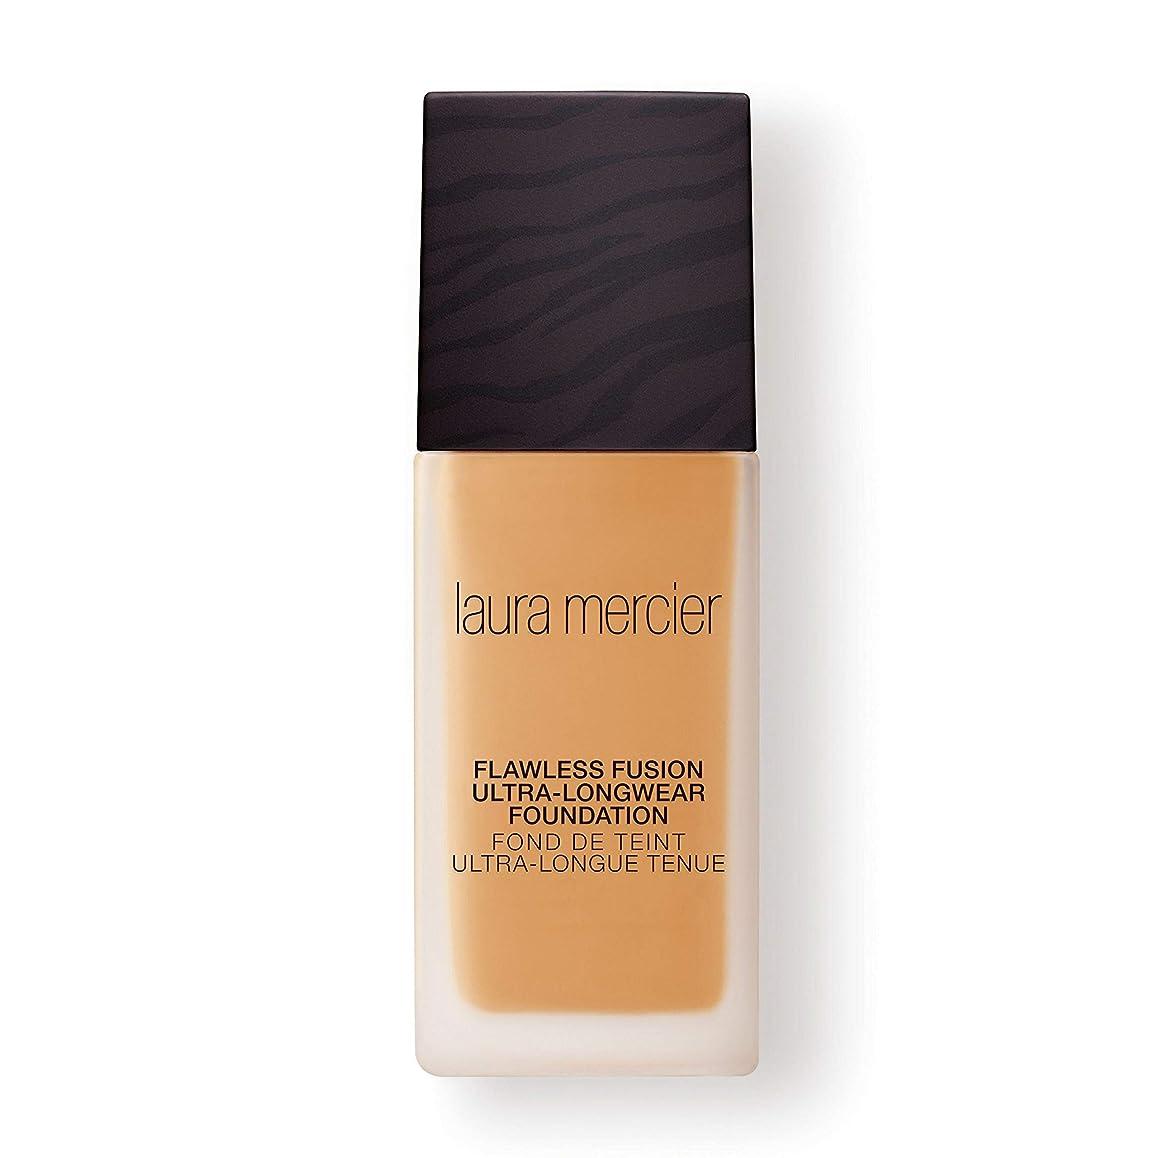 義務付けられた樫の木蓮Laura Mercier Flawless Fusion Ultra-Longwear Foundation - Butterscotch 1oz (29ml)